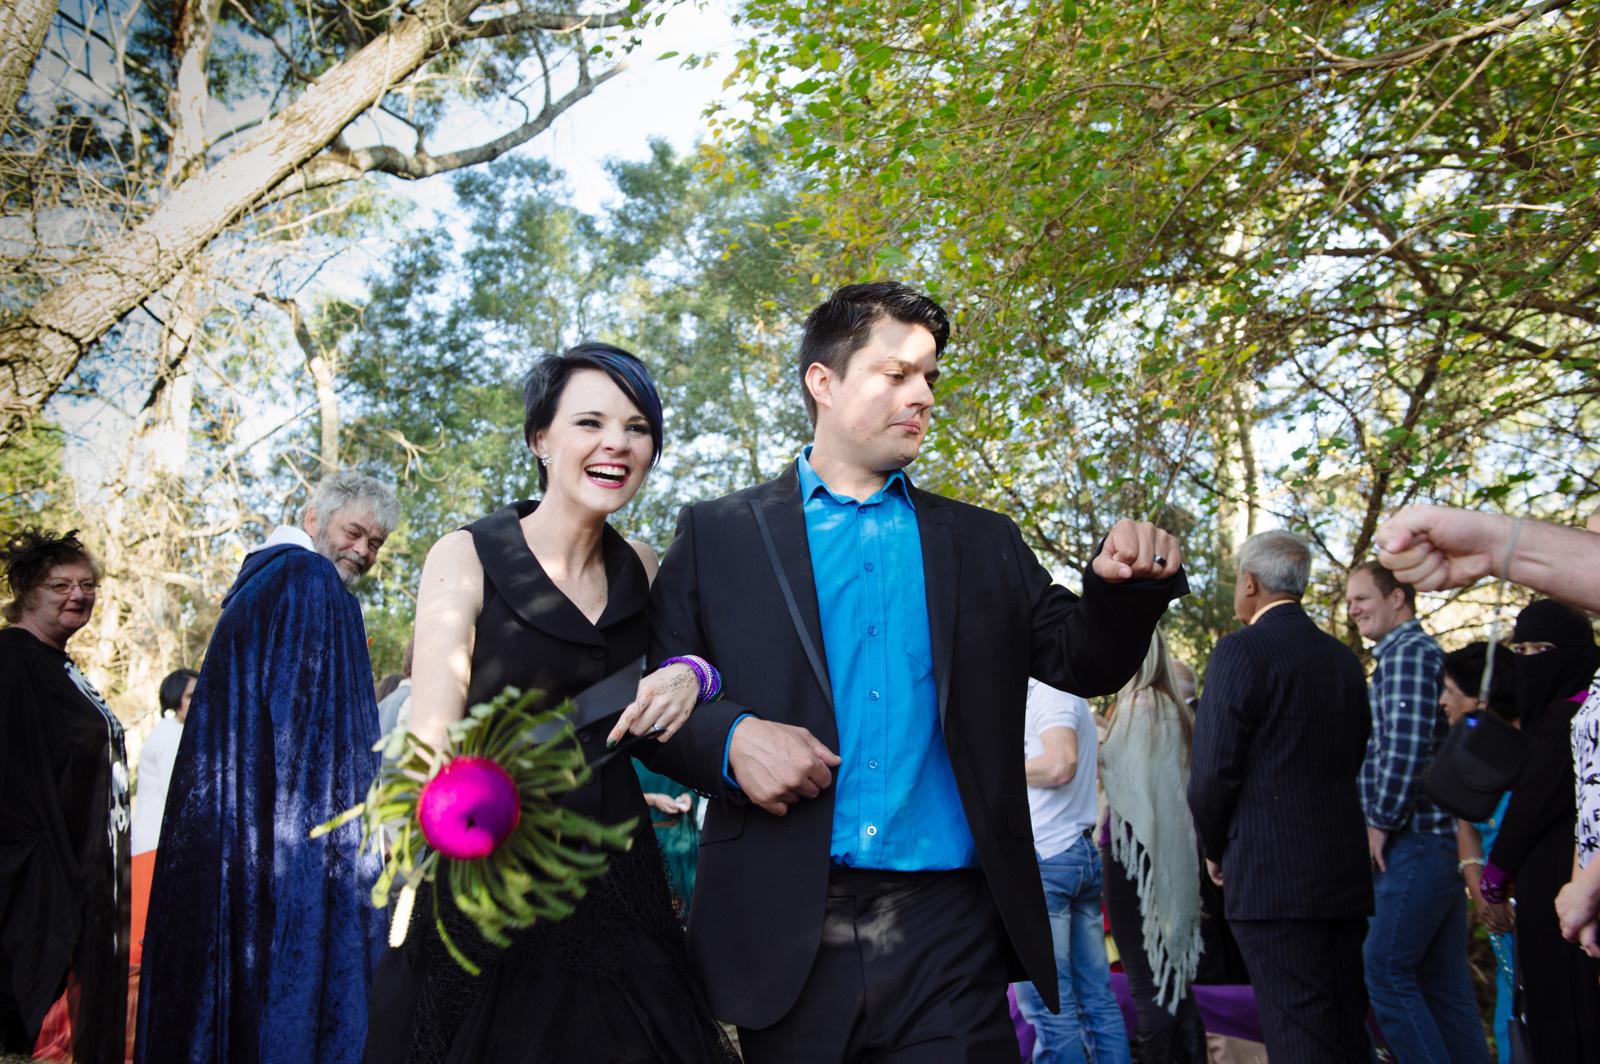 bride in black dress and groom